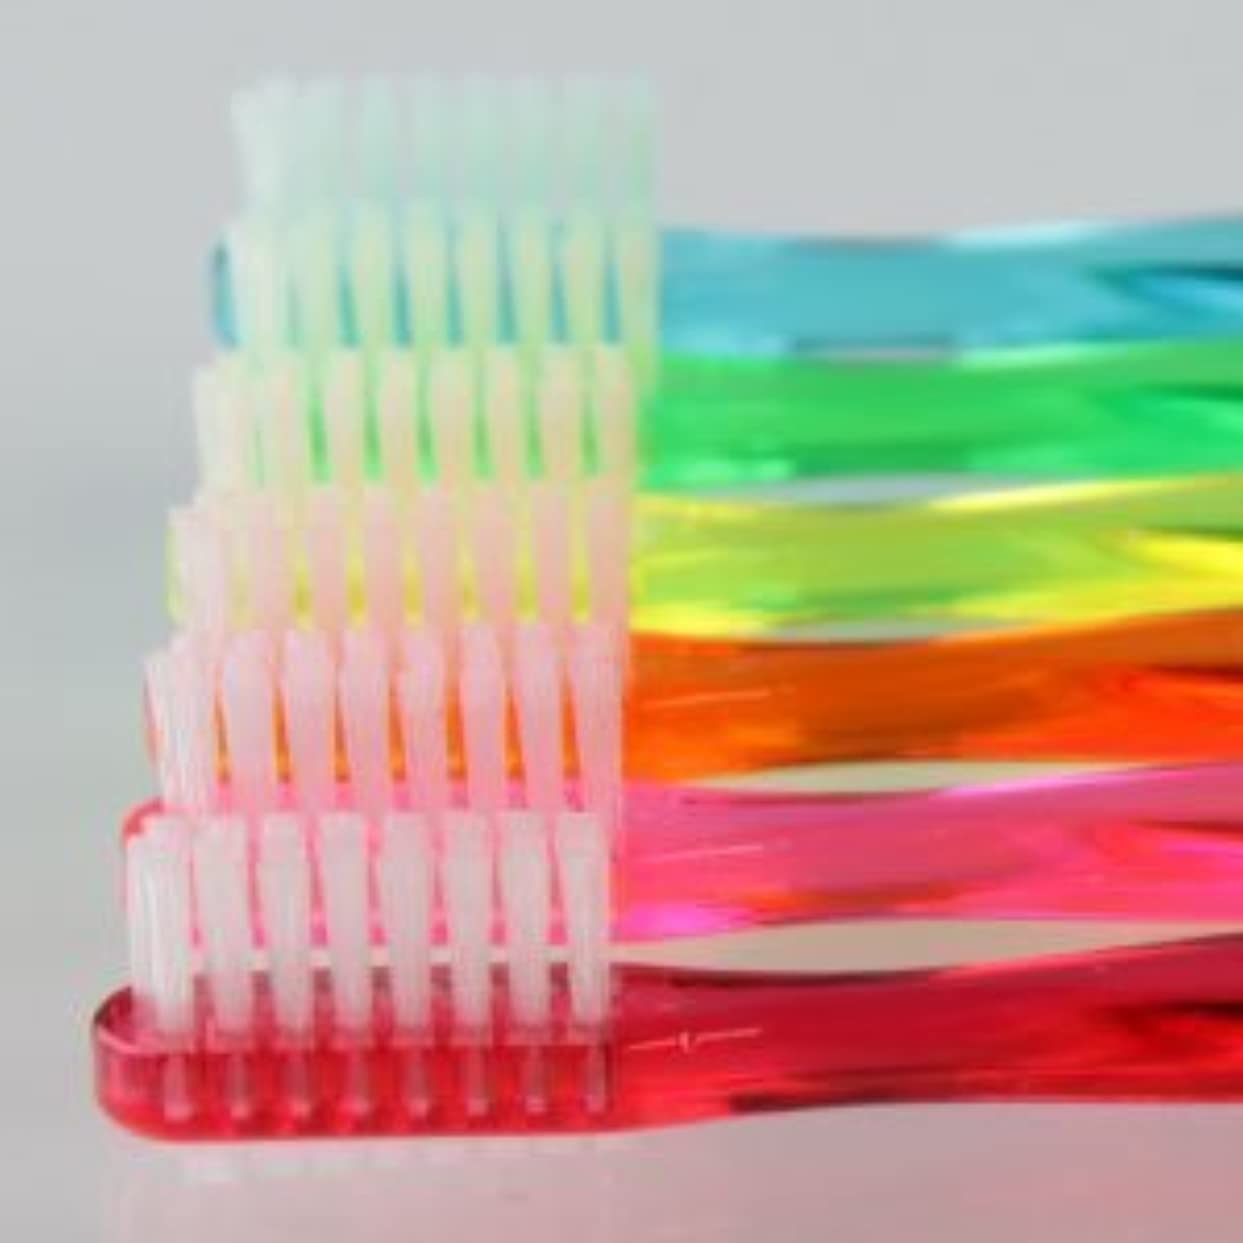 サムフレンド 歯ブラシ #11(乳歯?永久歯の混合歯列期向け) 6本 ※お色は当店お任せです